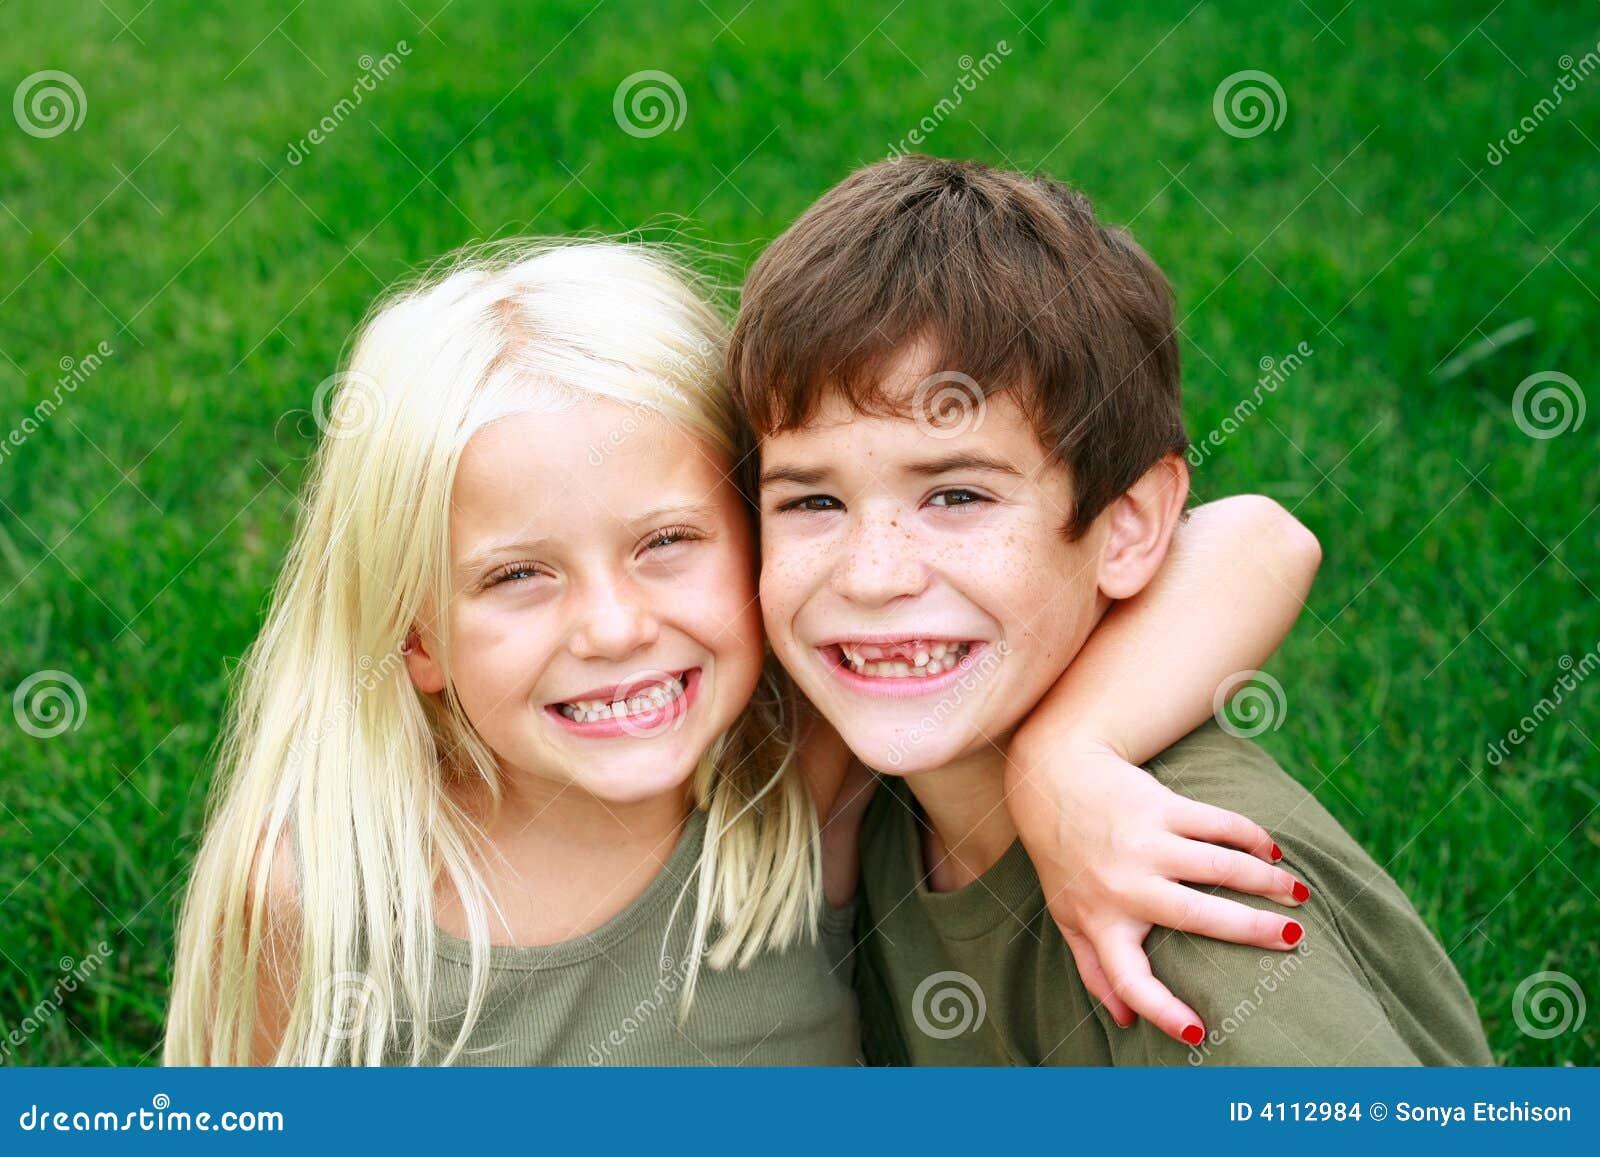 Duży uśmiech dzieci